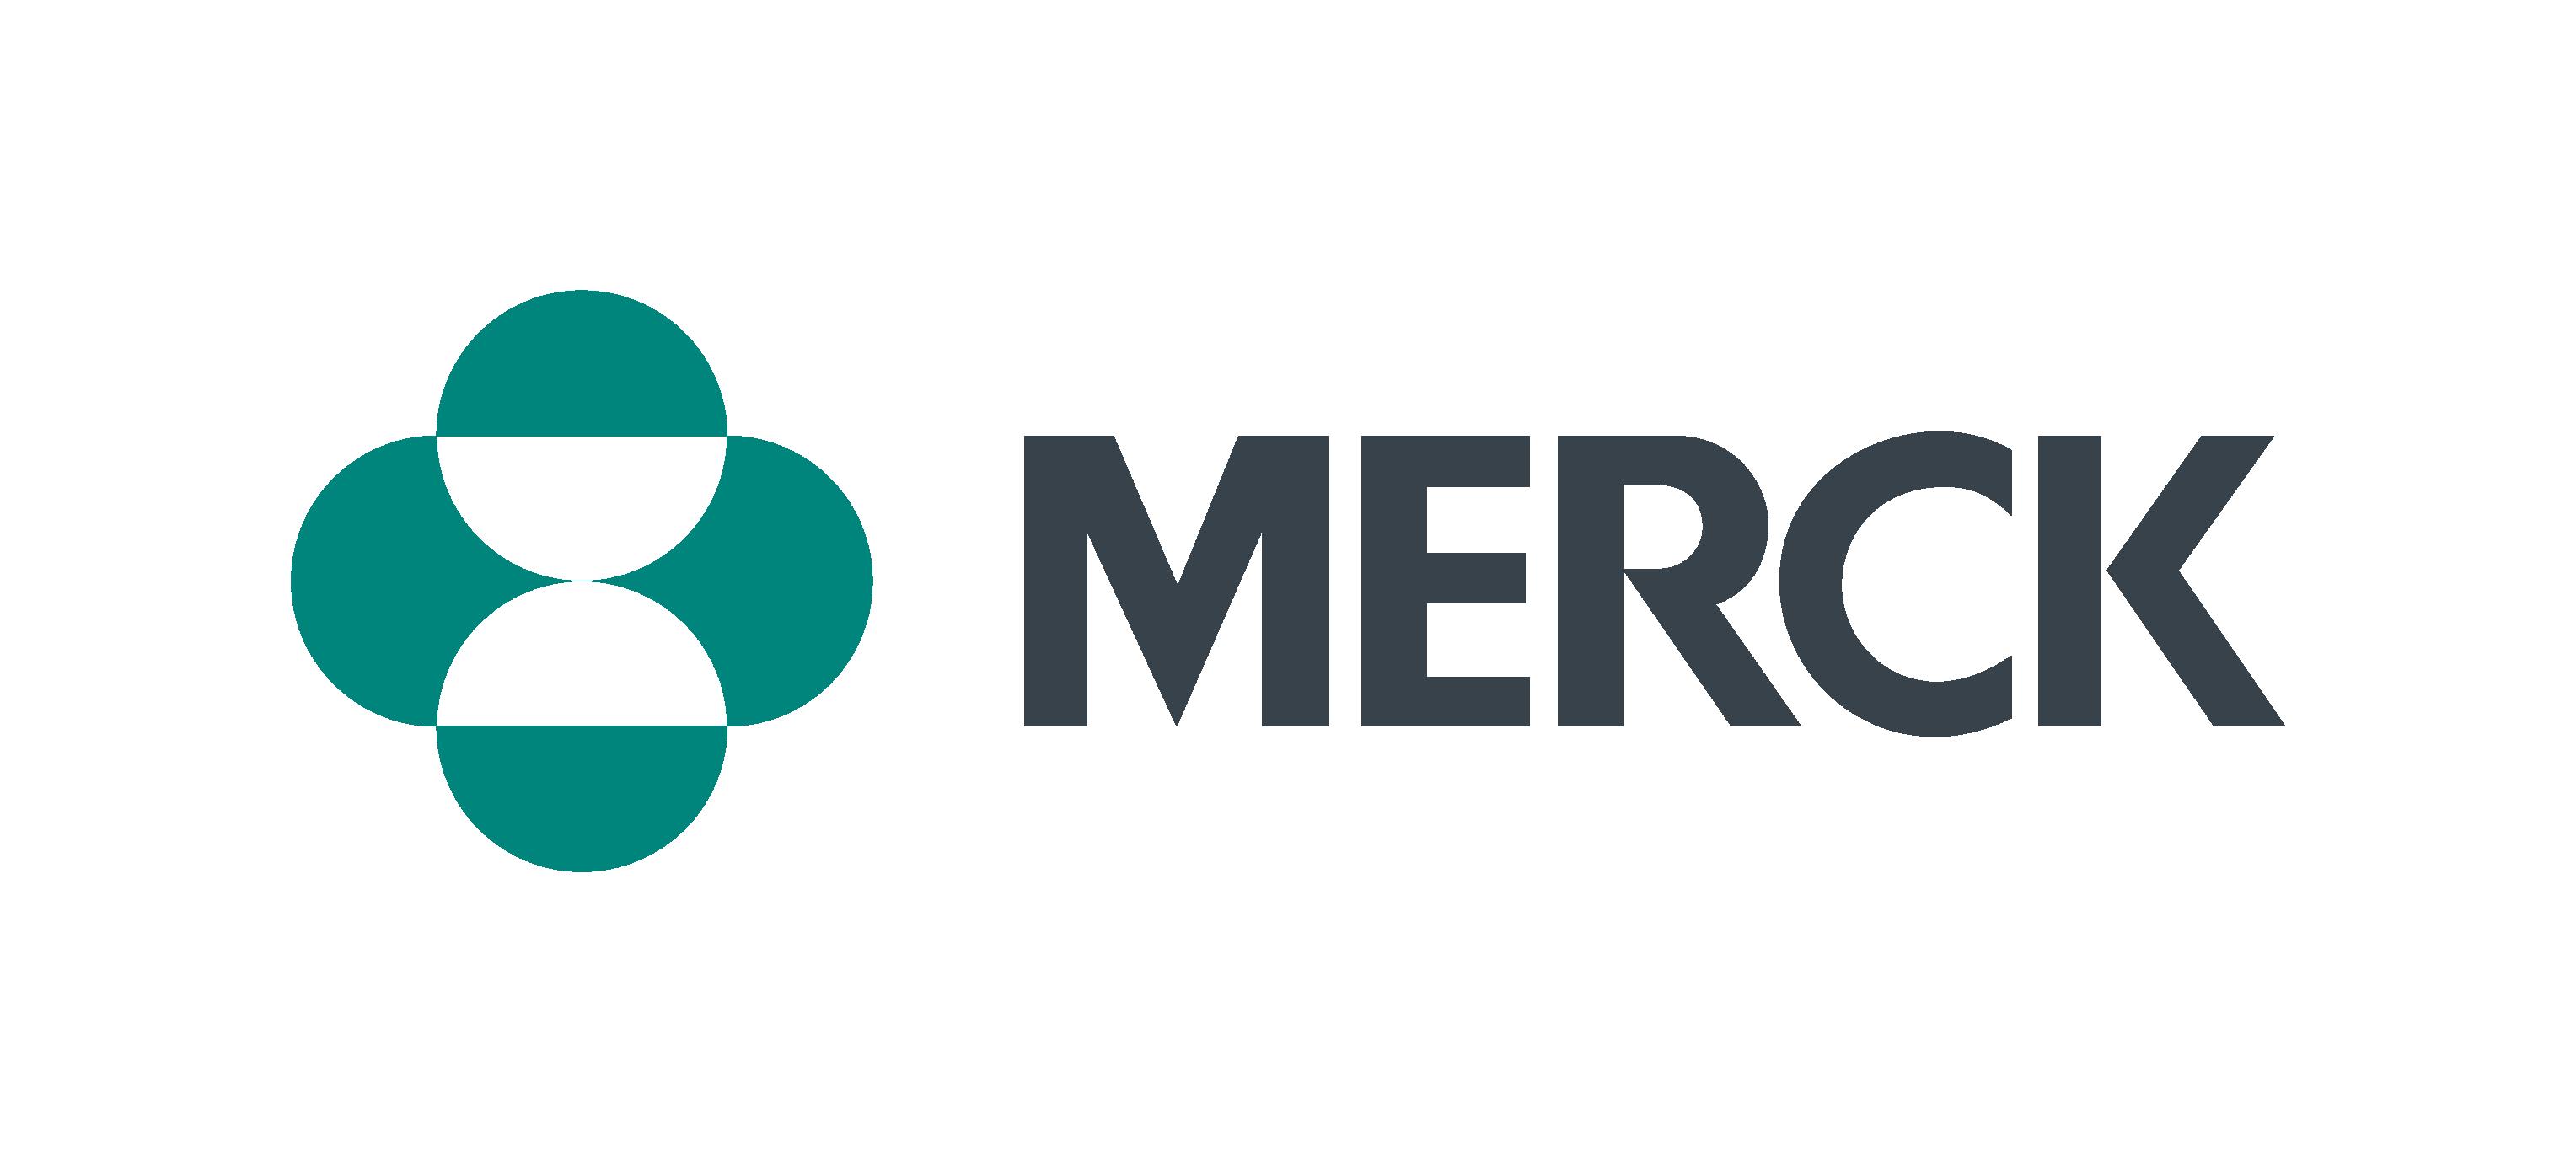 02852_Merck_Logo_Horizontal_Teal&Grey_RGB